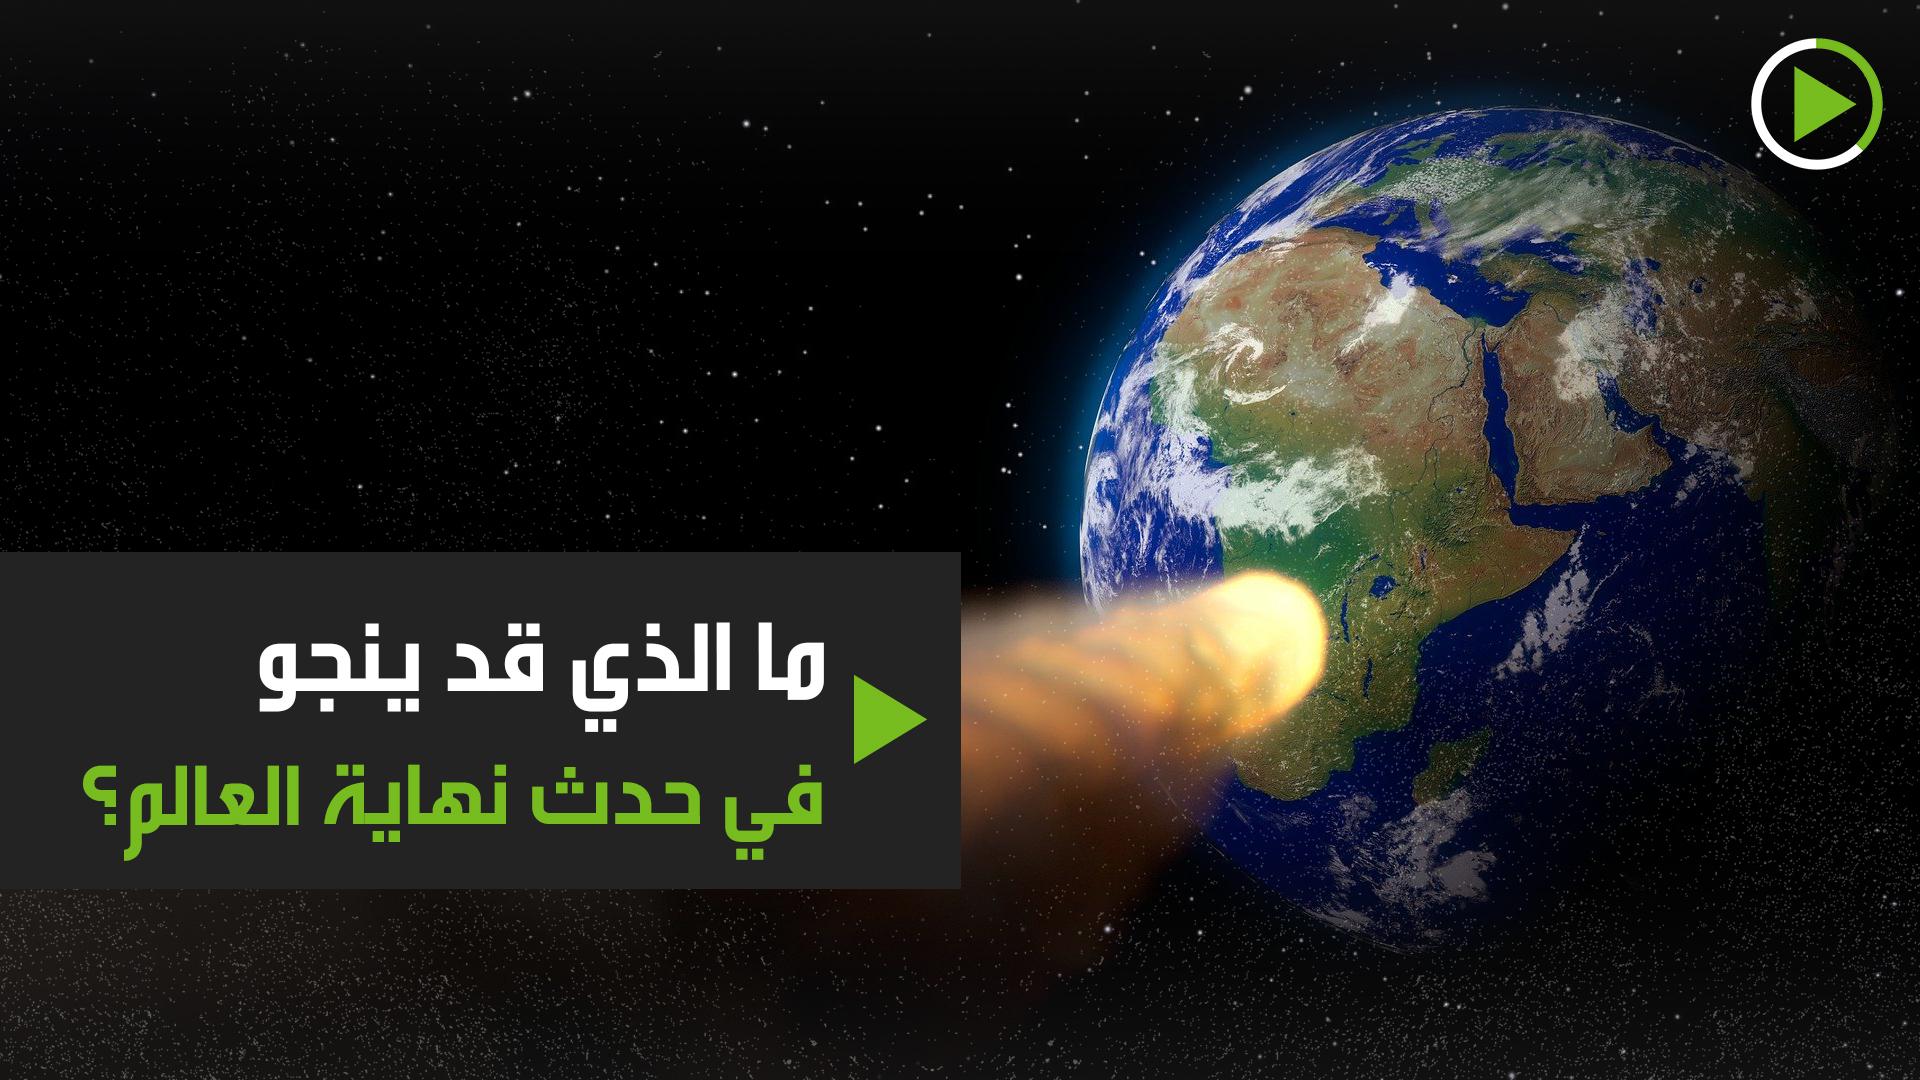 ما الذي قد ينجو في حدث نهاية العالم؟